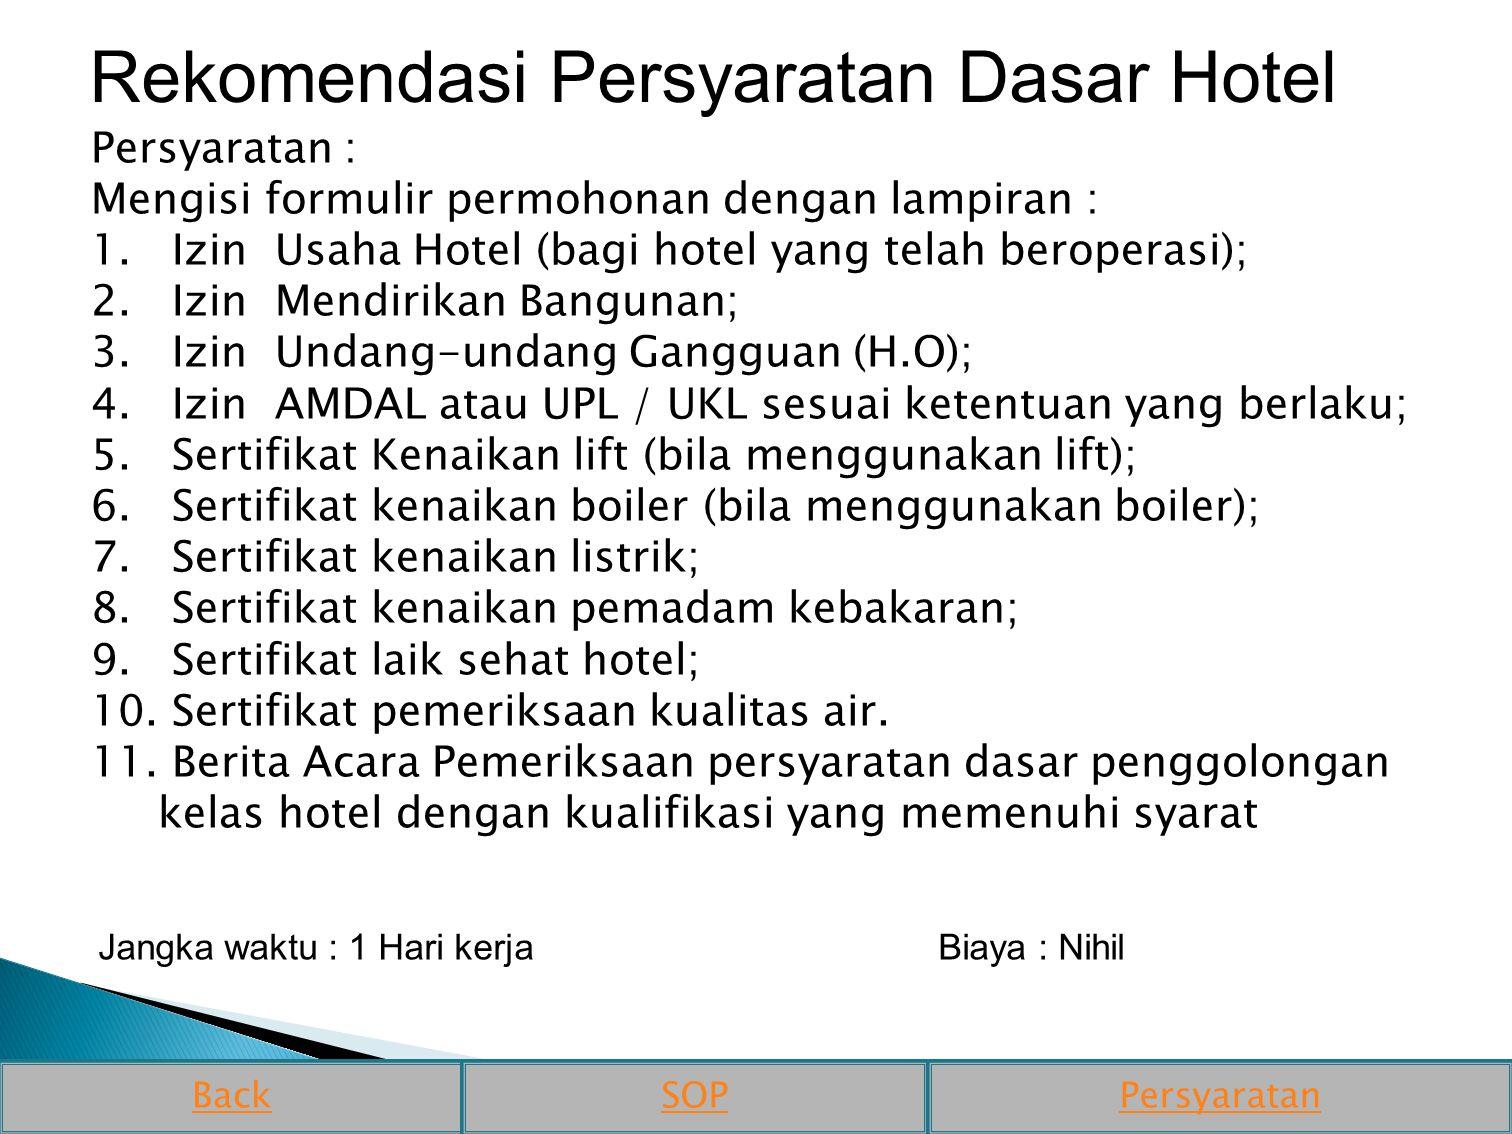 Rekomendasi Persyaratan Dasar Hotel Persyaratan : Mengisi formulir permohonan dengan lampiran : 1. Izin Usaha Hotel (bagi hotel yang telah beroperasi)